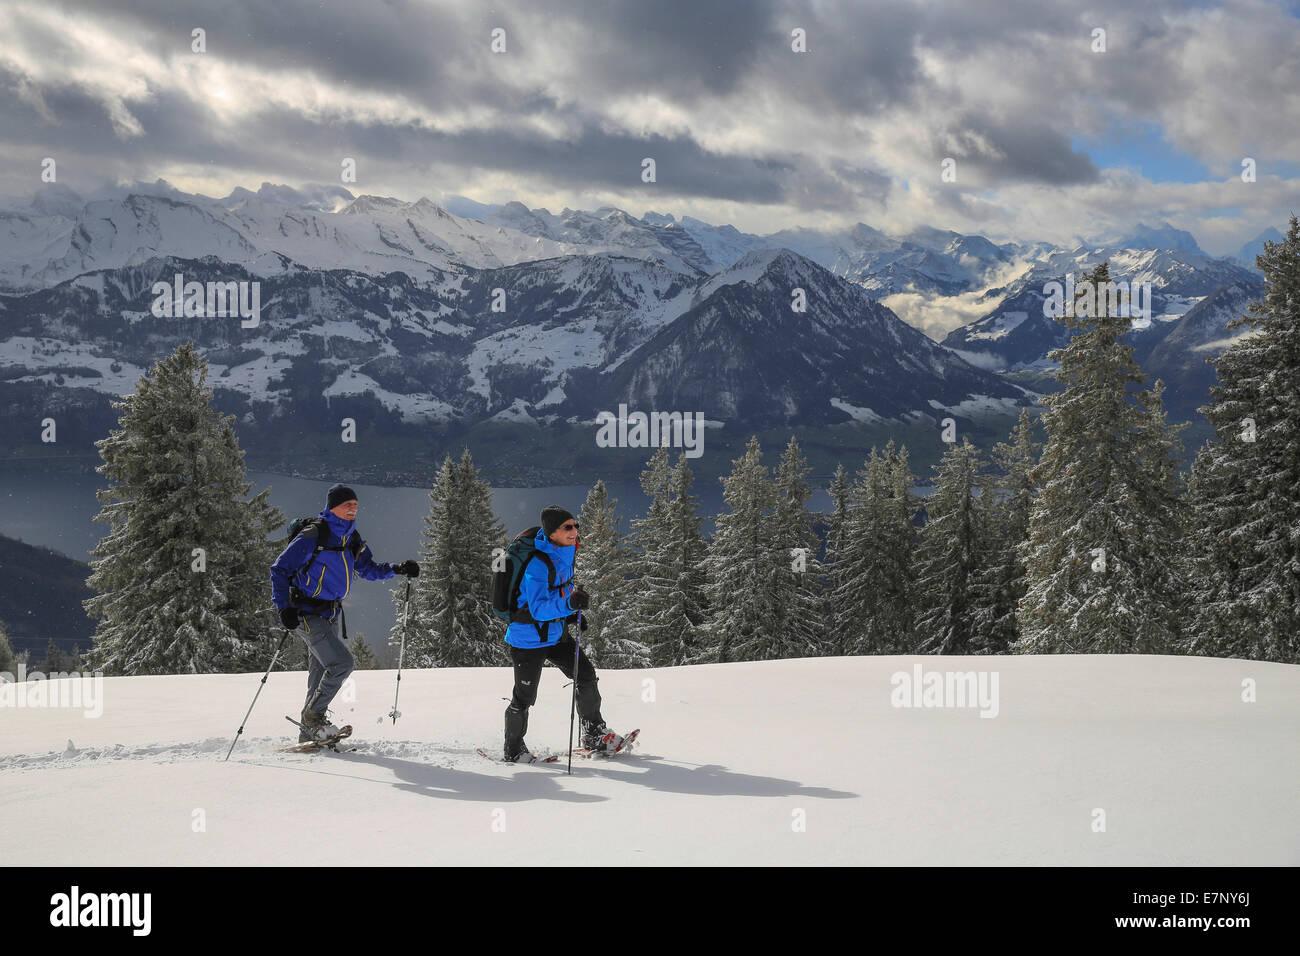 L'exécution de chaussures de neige, Rigi, montagne, montagnes, l'hiver, sports d'hiver, canton, Photo Stock